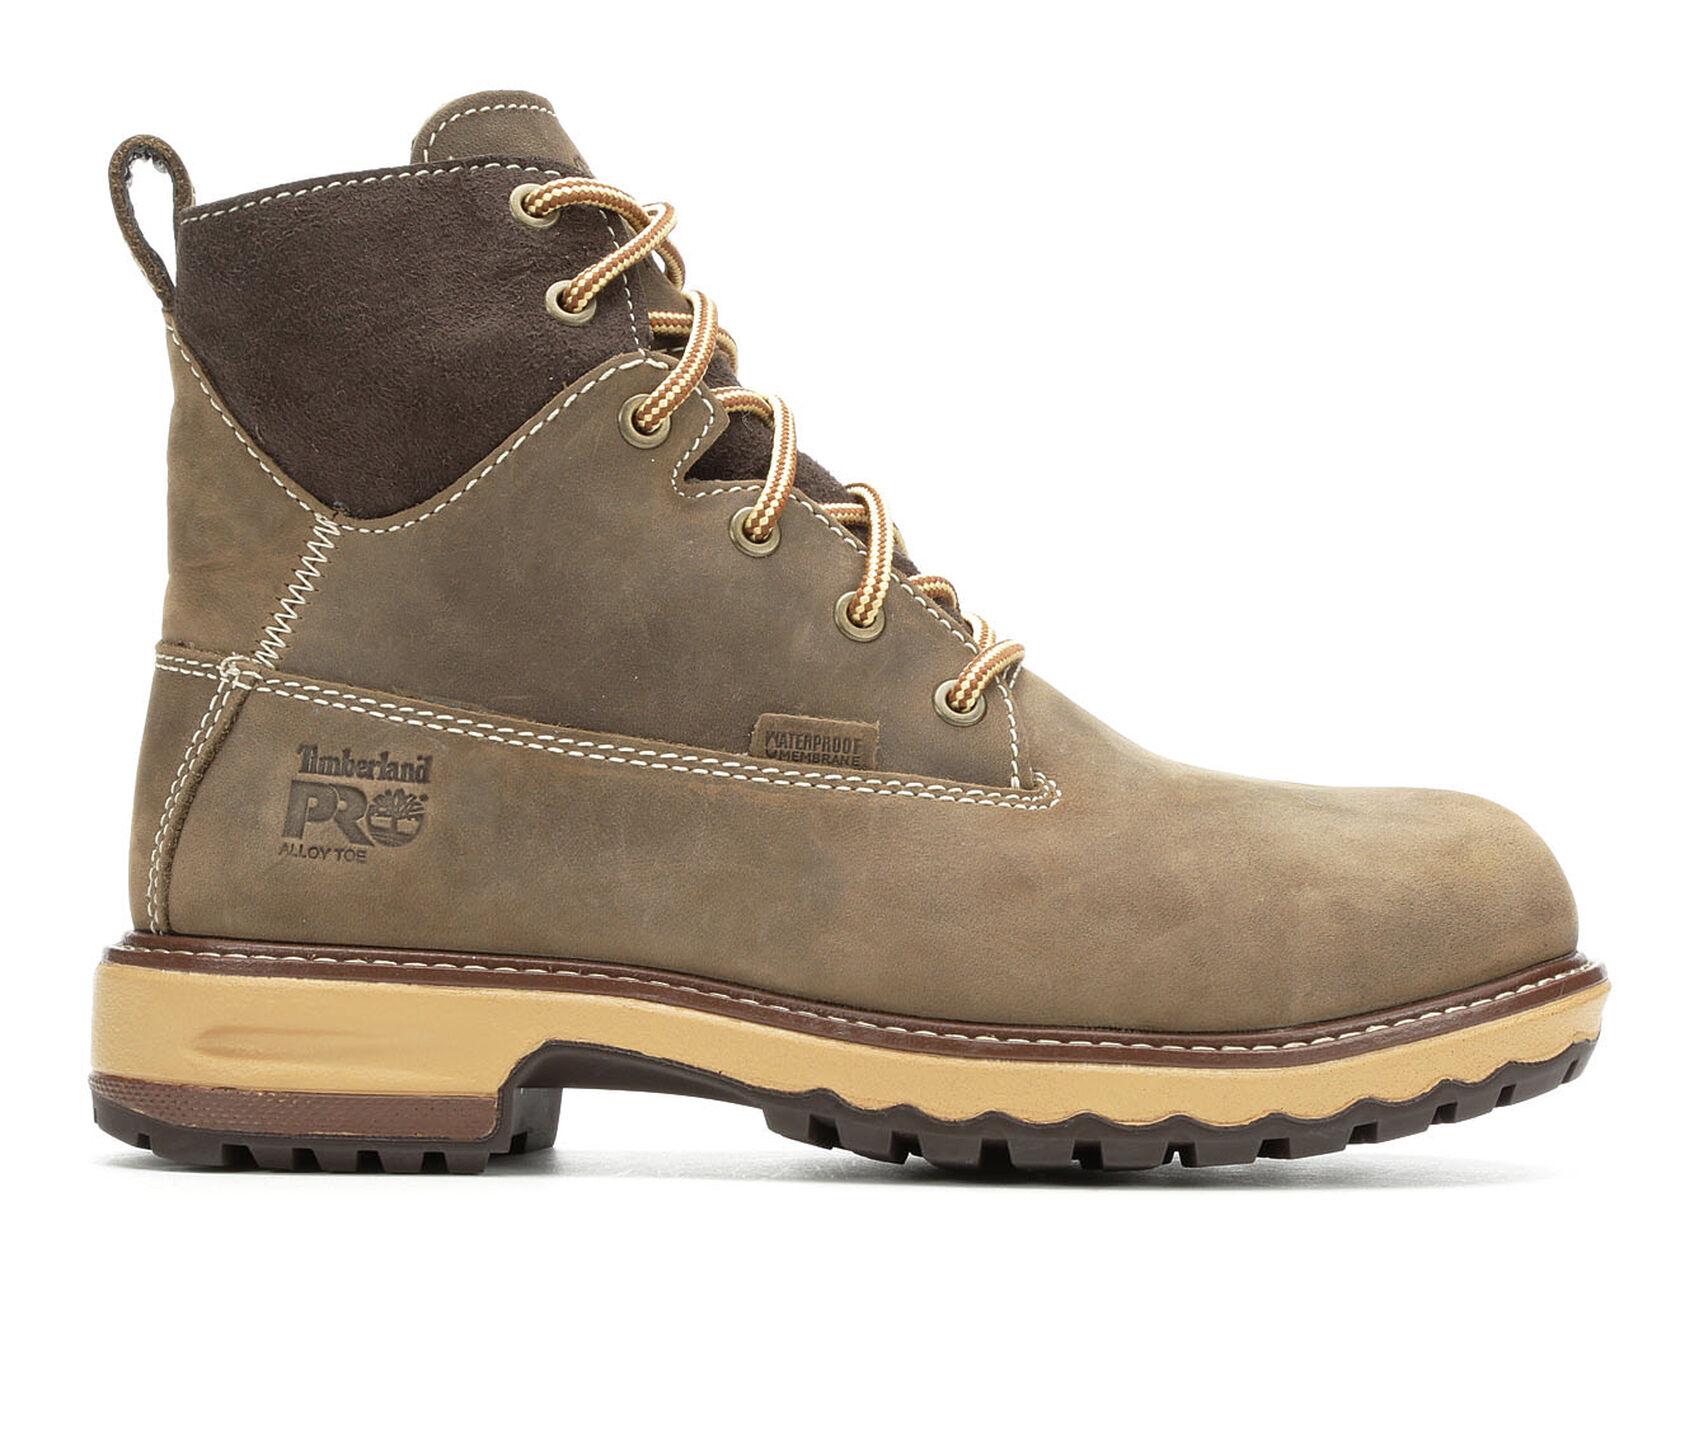 hienoin valinta herkät värit söpö halpa Women's Timberland Pro Hightower Alloy Toe Work Boots